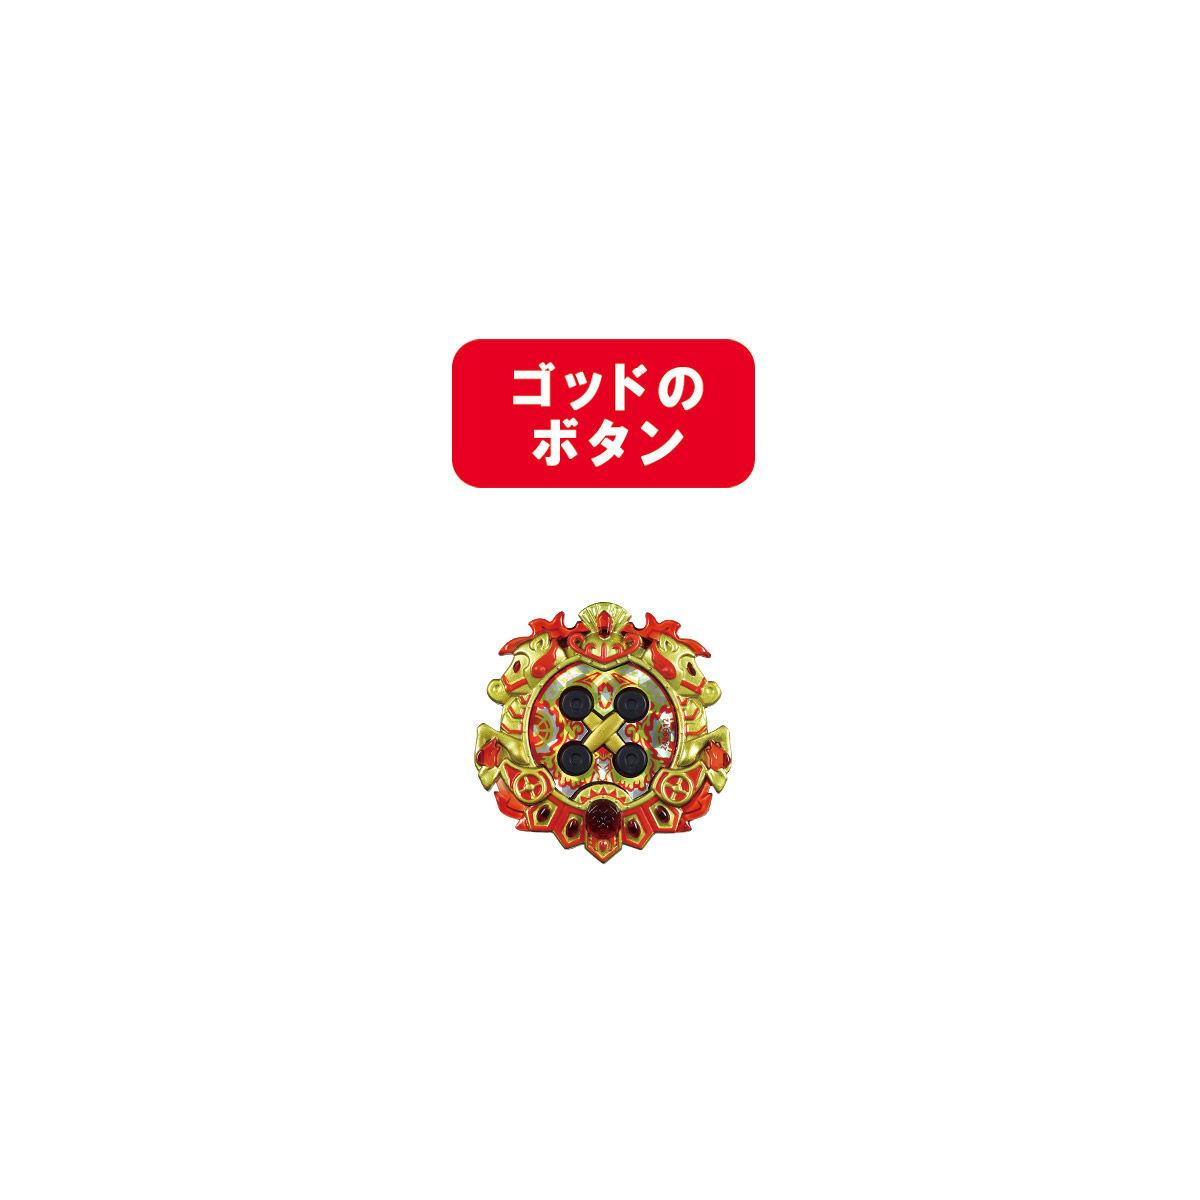 けだまのゴンじろーボタンコレクション03